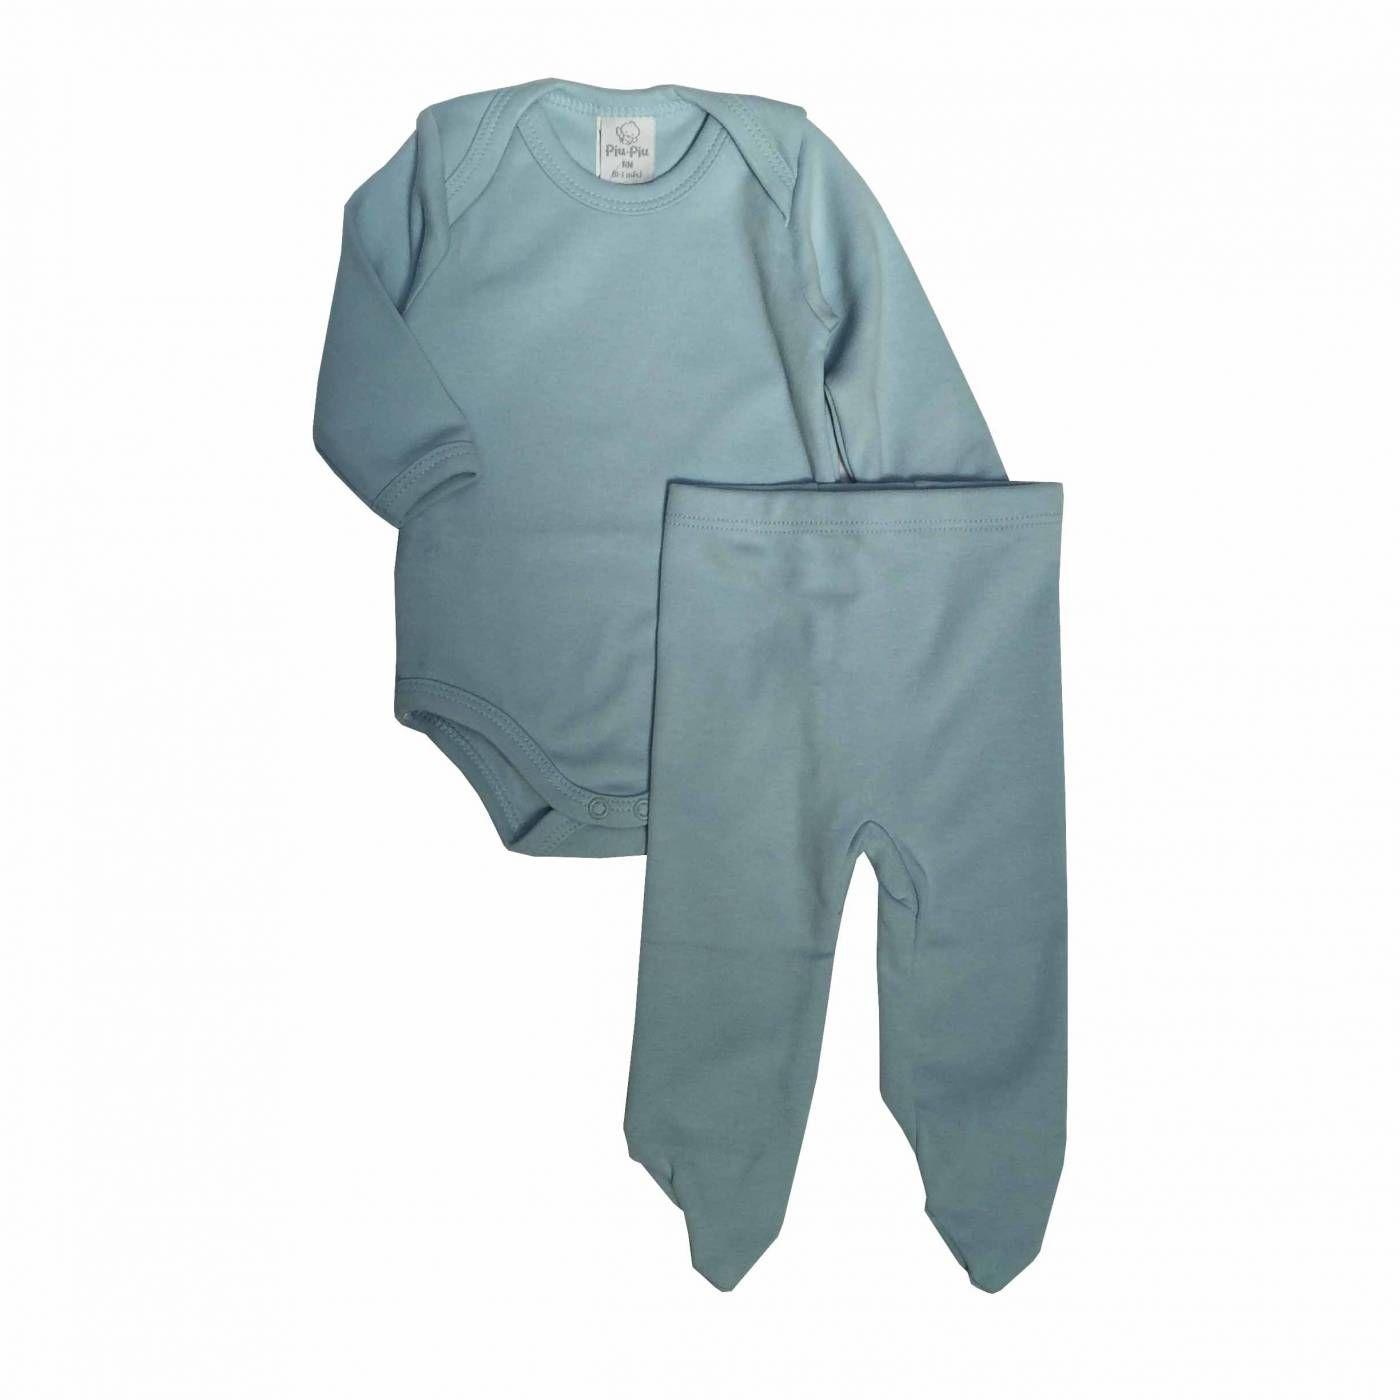 Conjunto Body Manga Longa e Culote Azul - Piu Piu - Tamanho RN